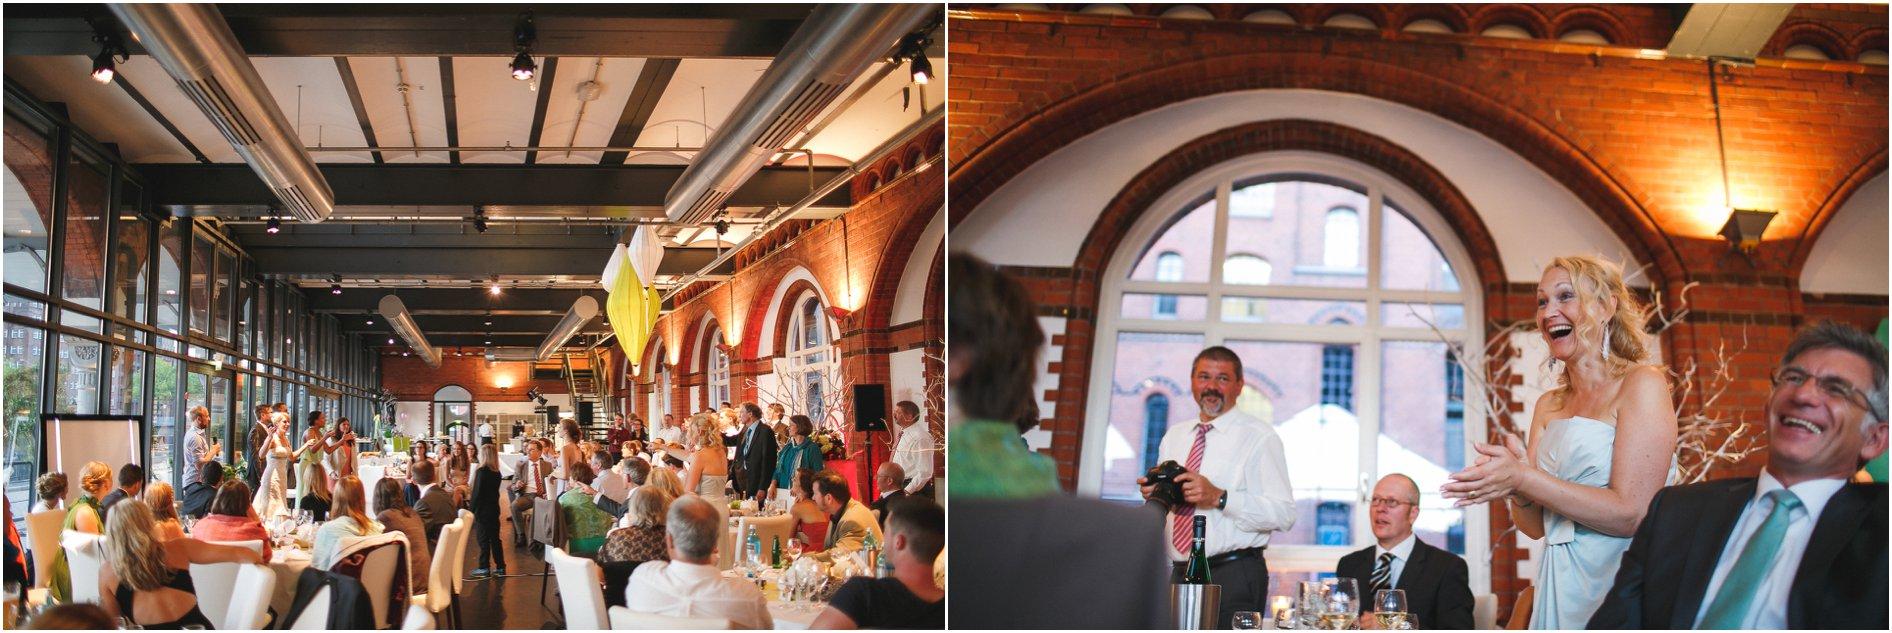 2014-07-16_0354 Über die Elbe mit Sarah & Benny